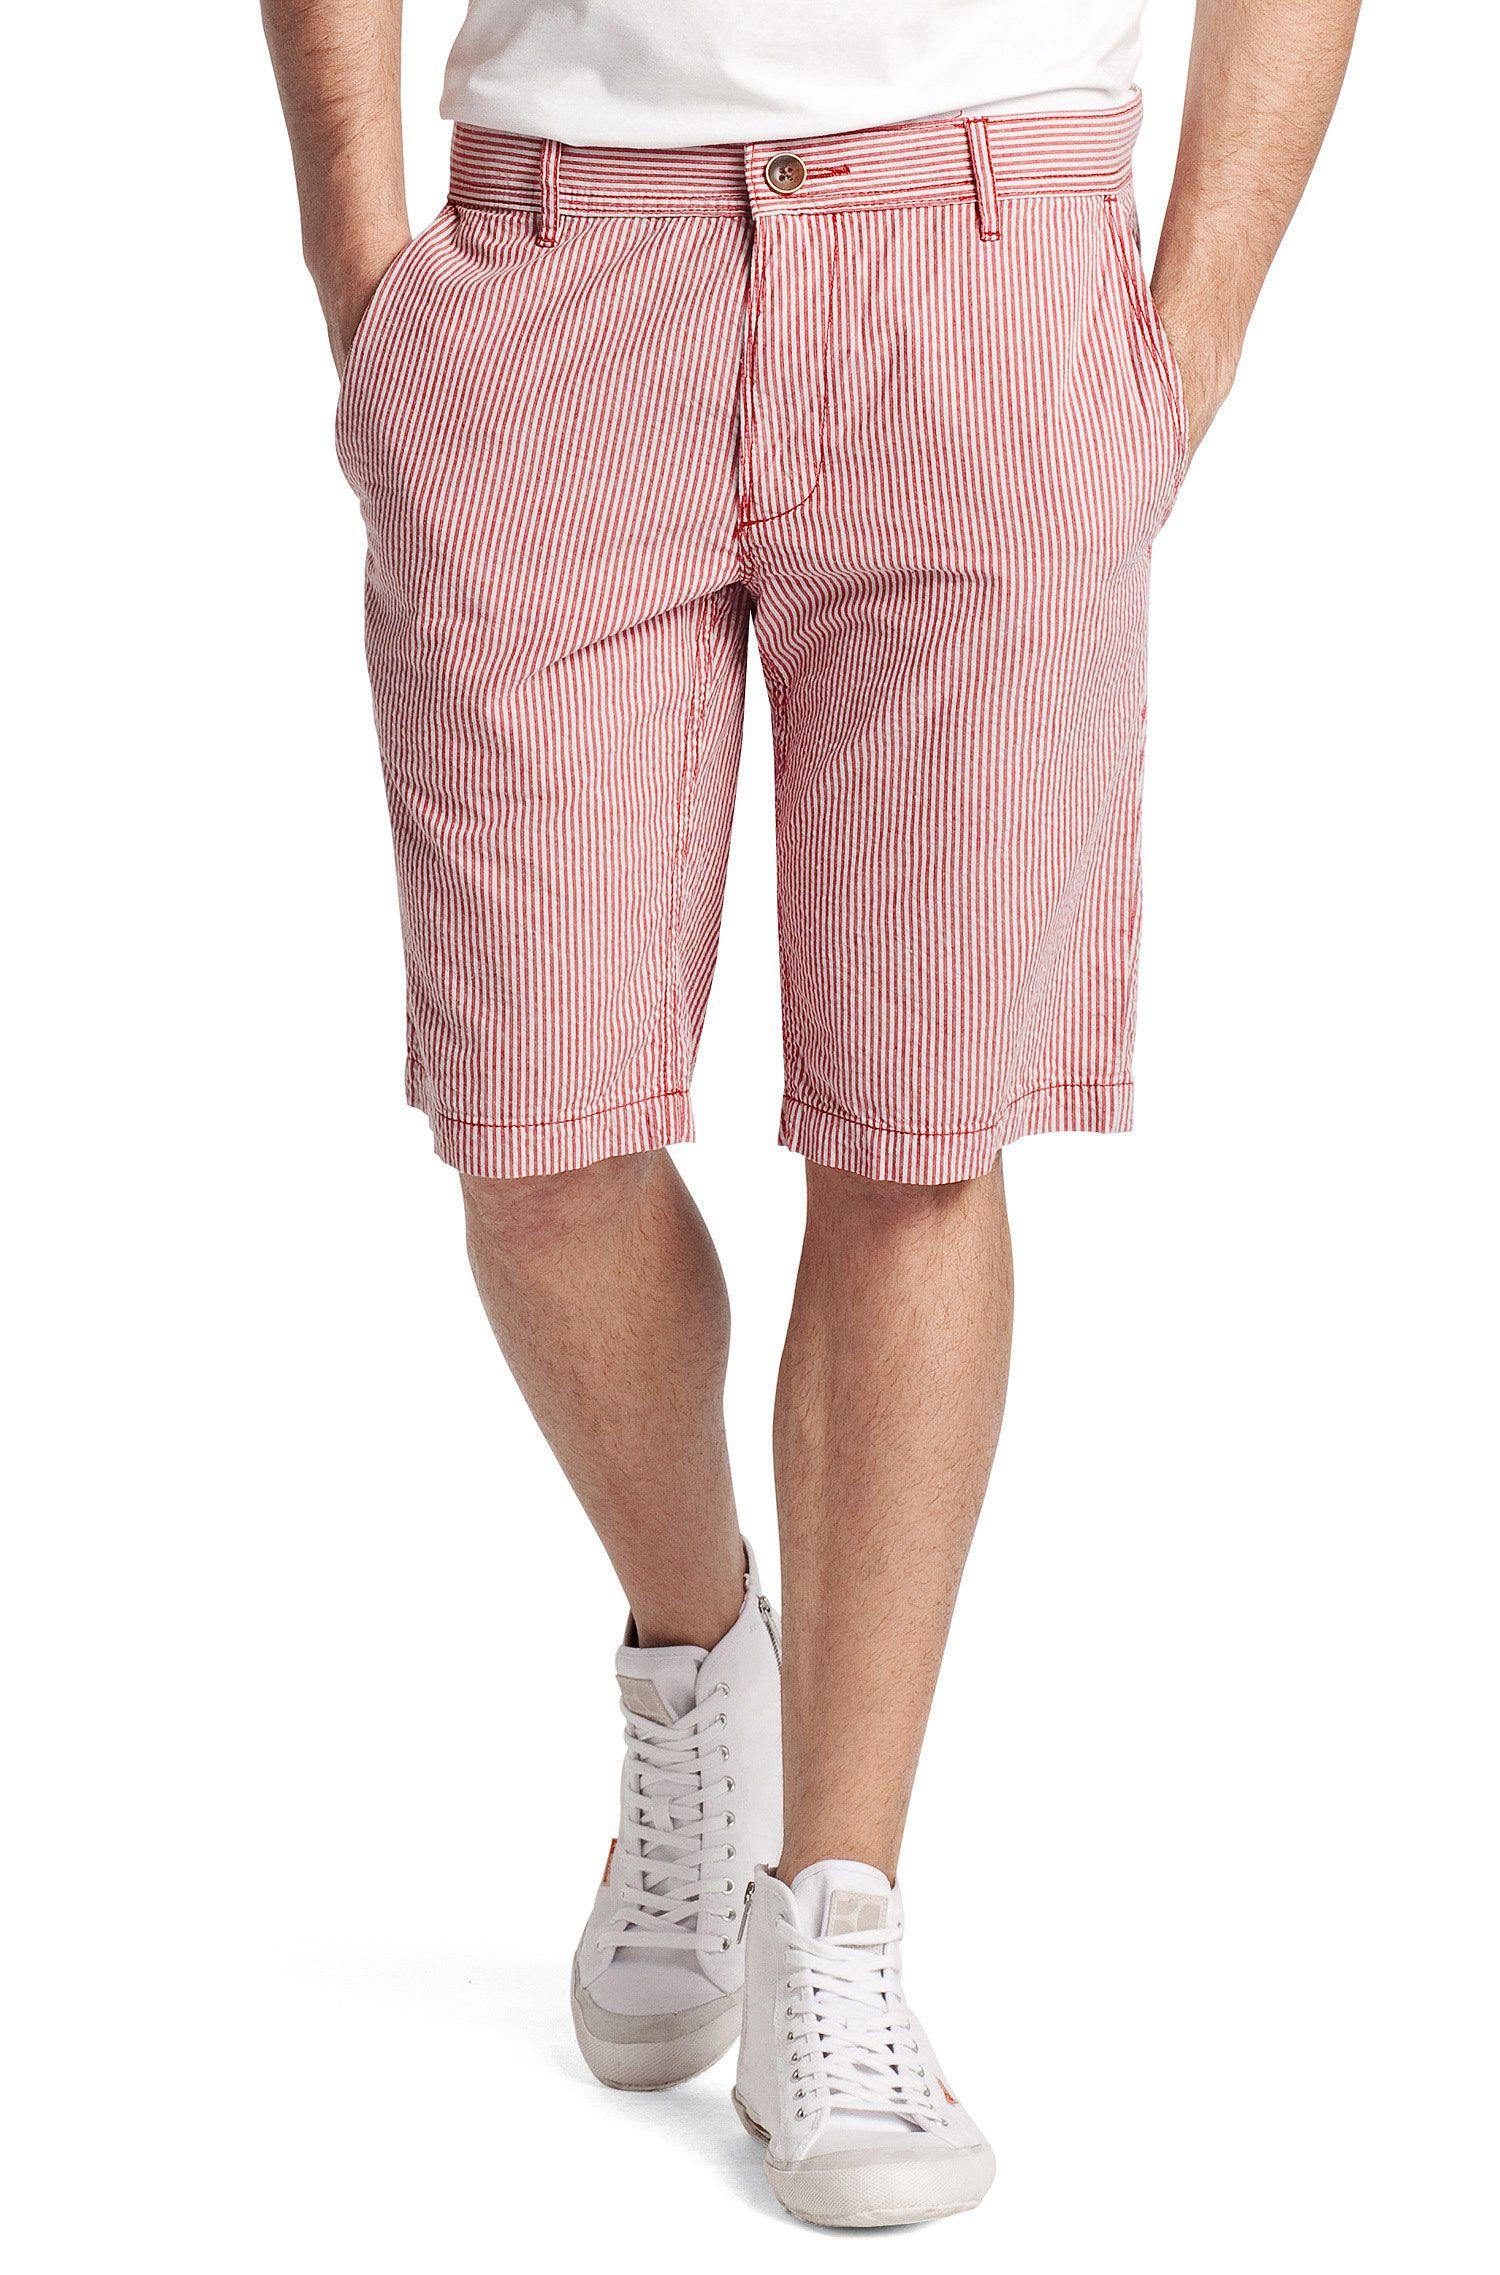 Shorts ´Shire2-Shorts-W` mit Streifen-Dessin